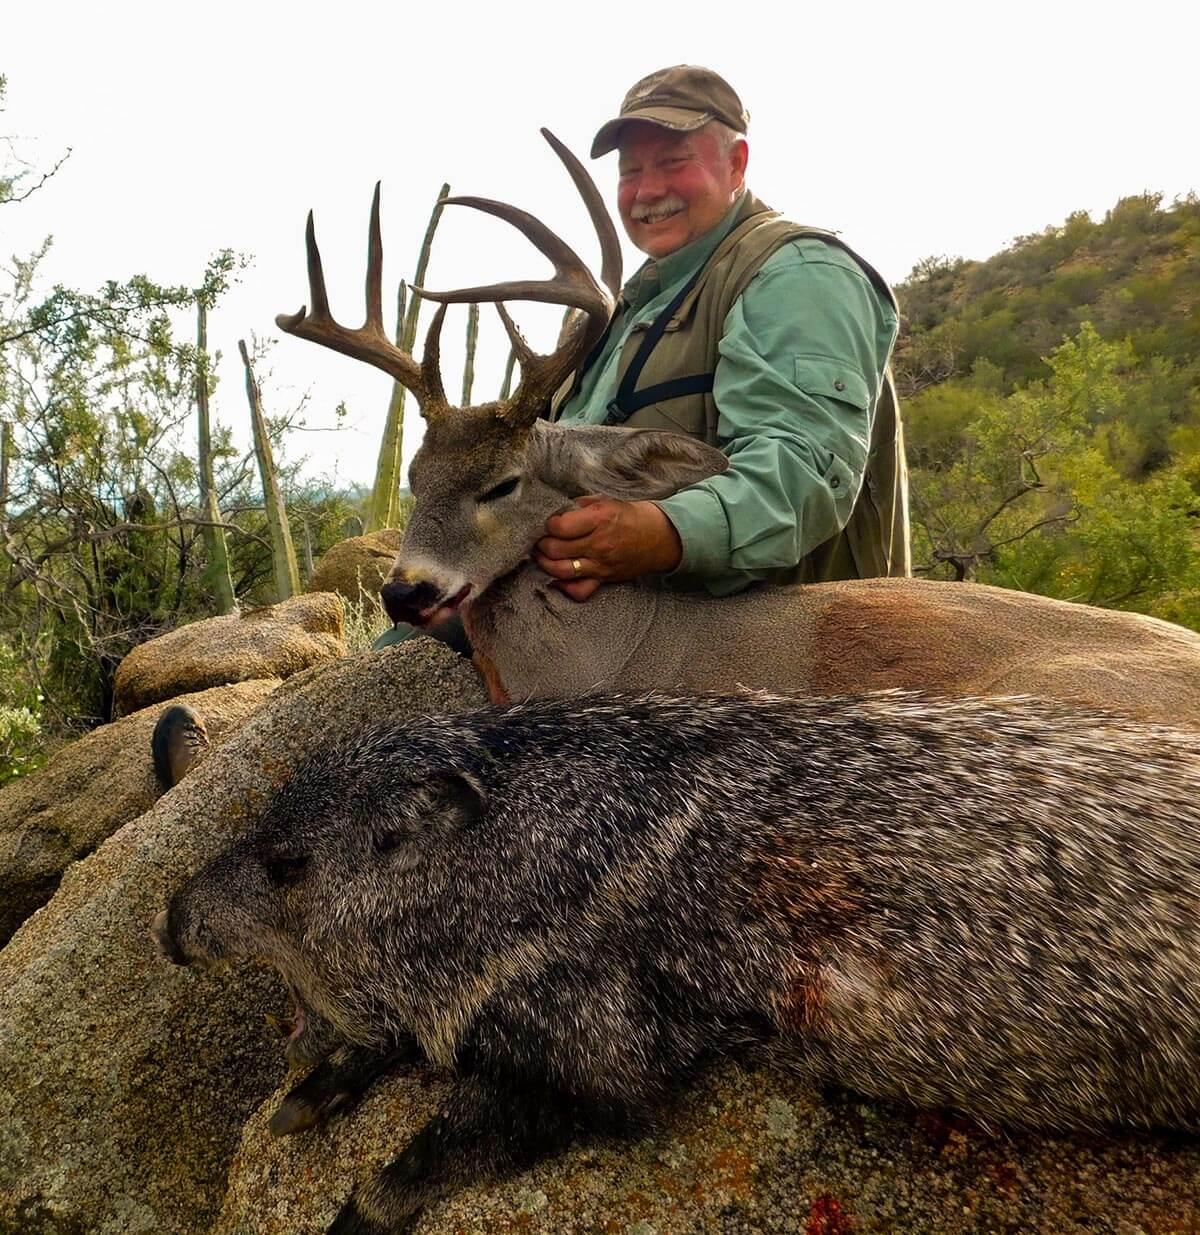 coues deer hunting